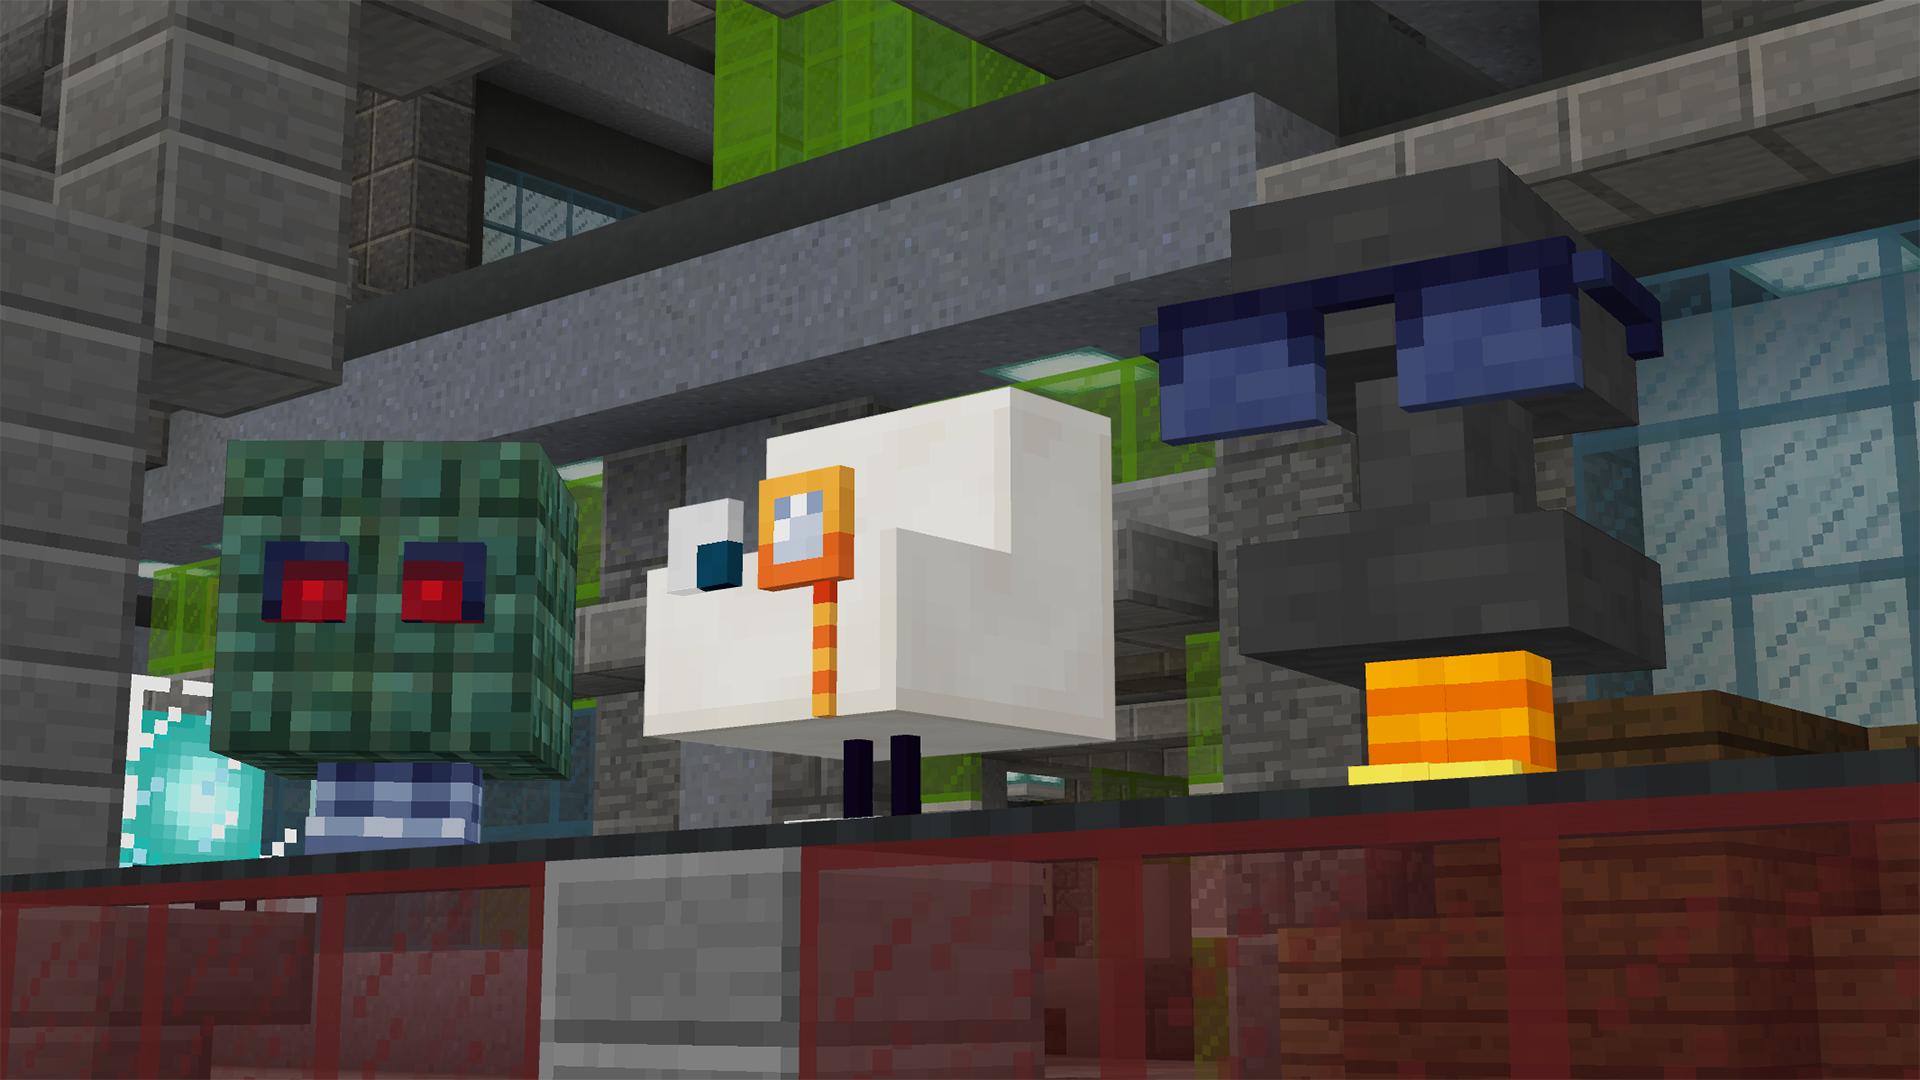 hide and seek servers